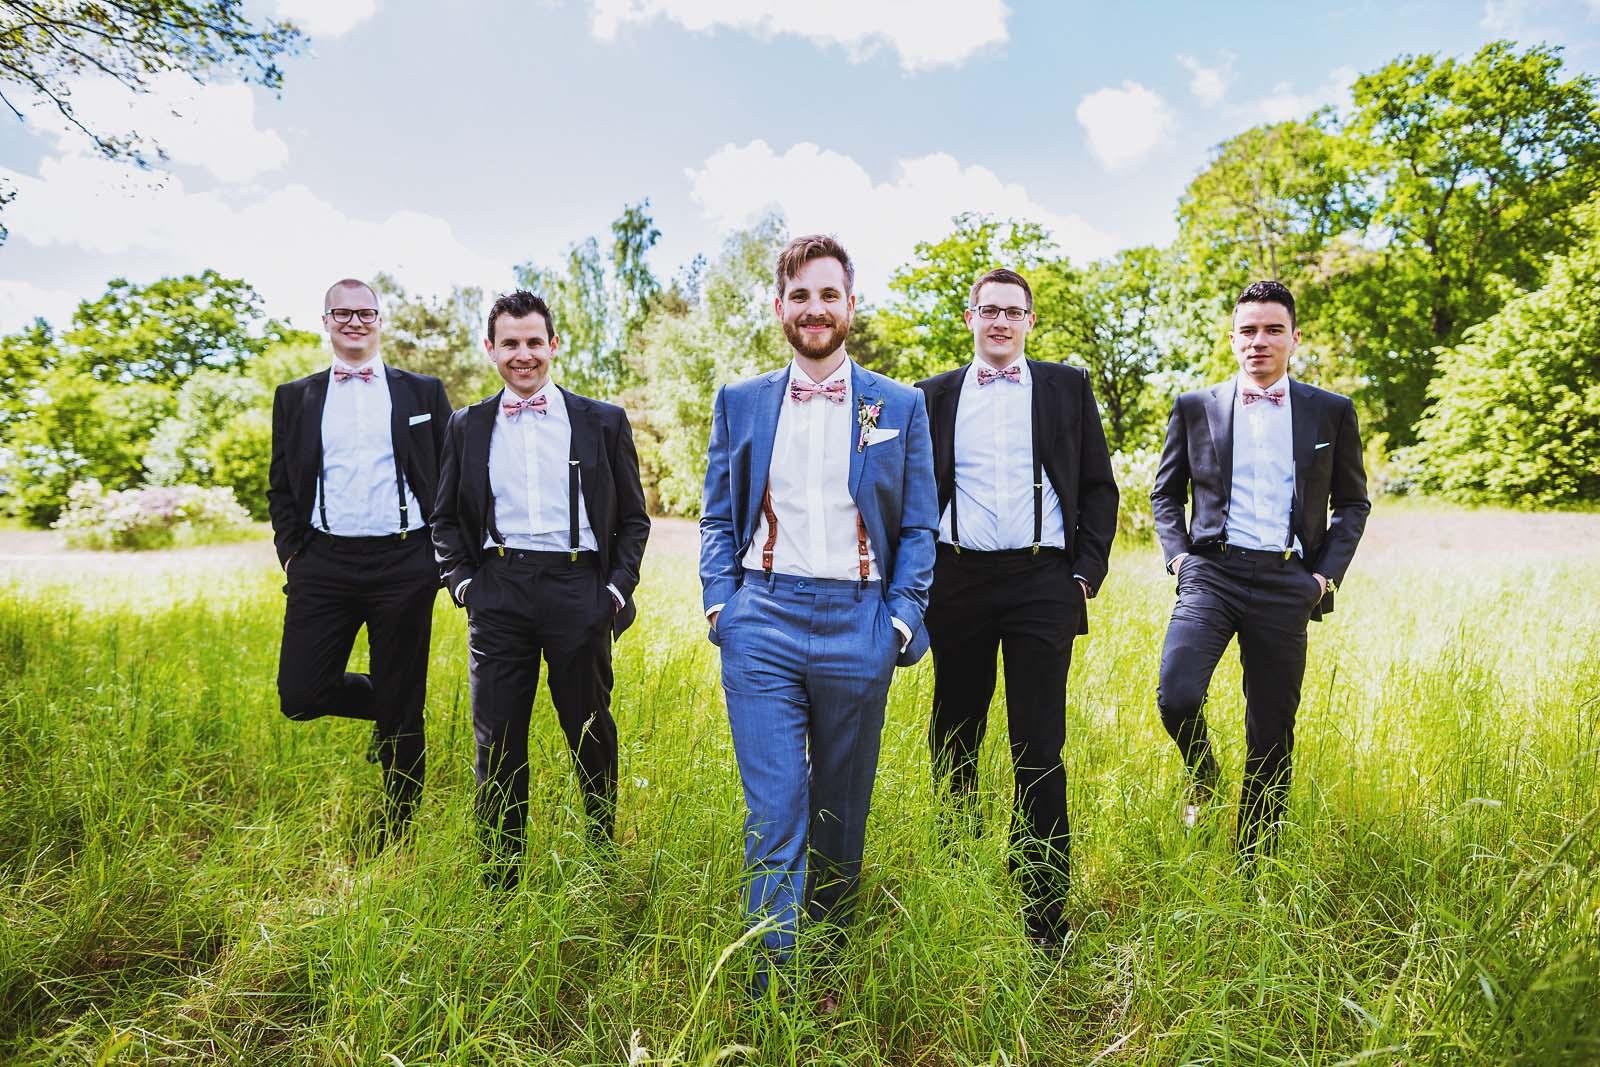 30-Best-Men-und-Braeutigam-Hochzeitsfotograf-erstellt-Gruppenfoto Hochzeitsfotograf © www.hochzeitsfotograf-berlin.net